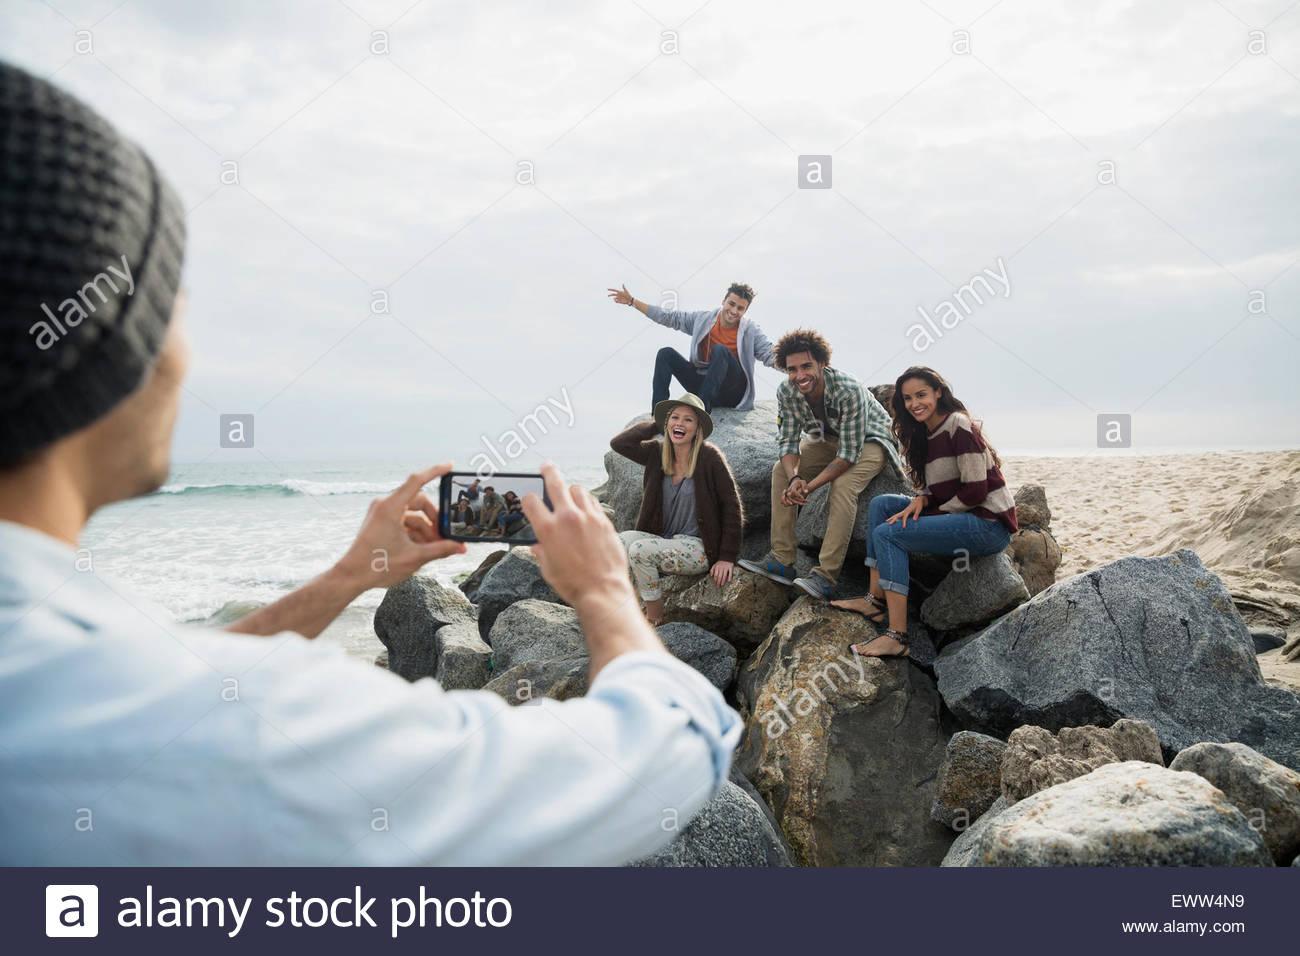 Gli amici che posano per una foto sulla spiaggia spiaggia di roccia Immagini Stock